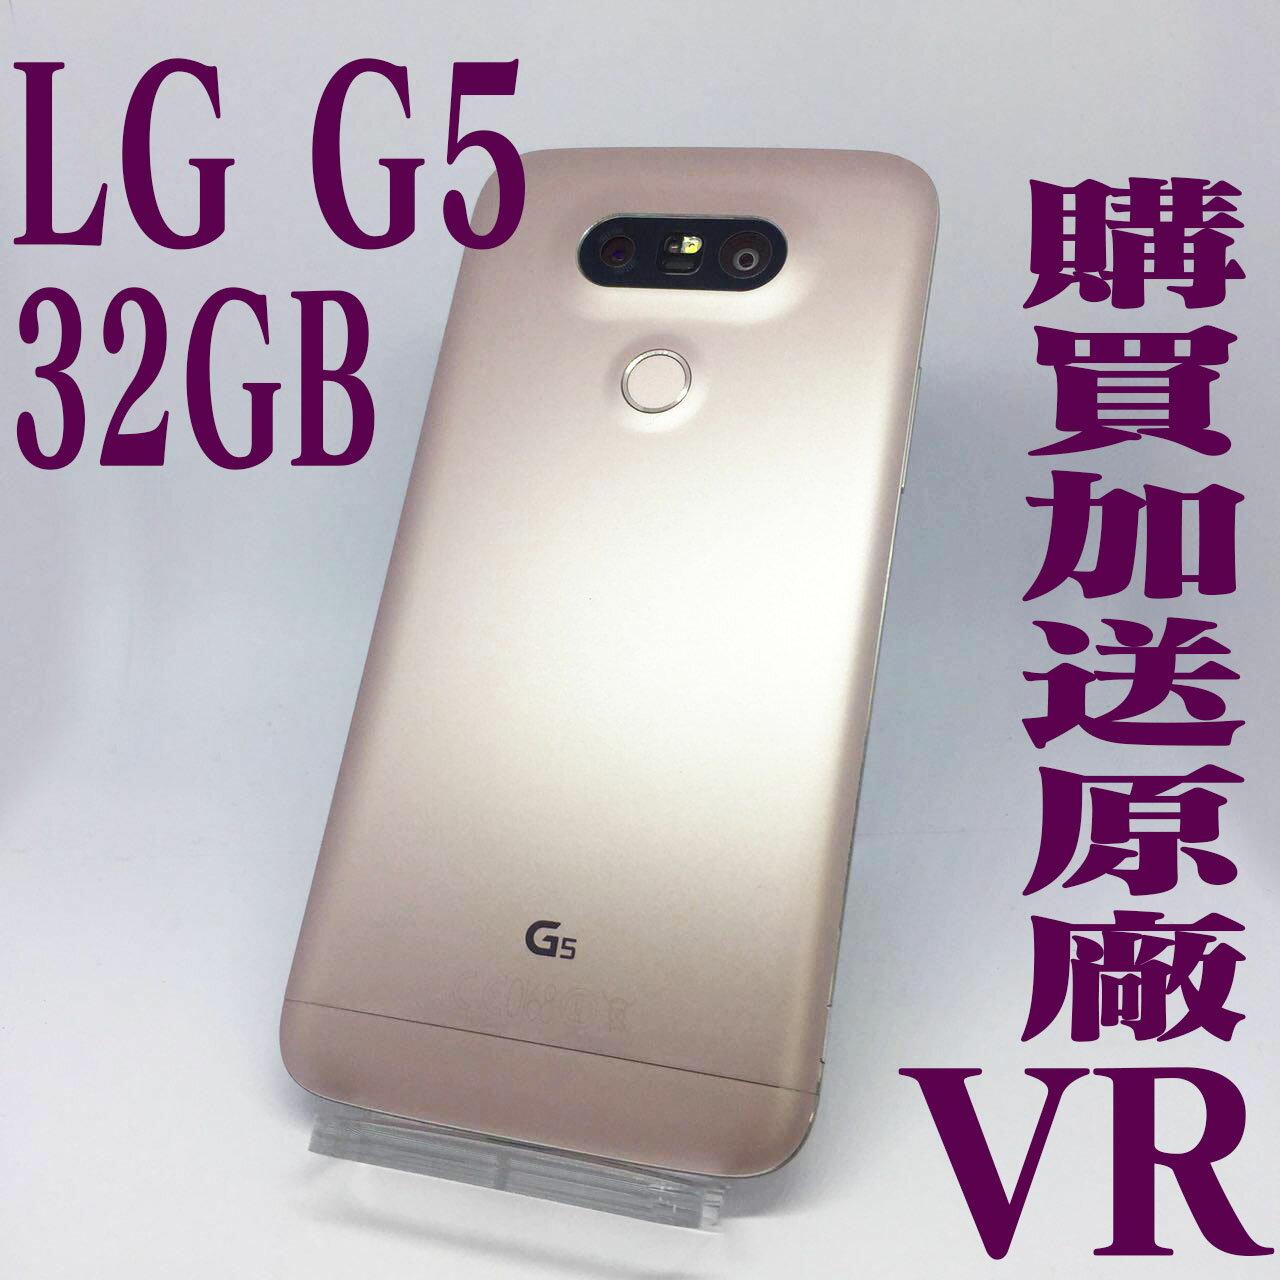 【創宇通訊】LG G5 32G 粉色【福利機】【買就送LG VR 360】